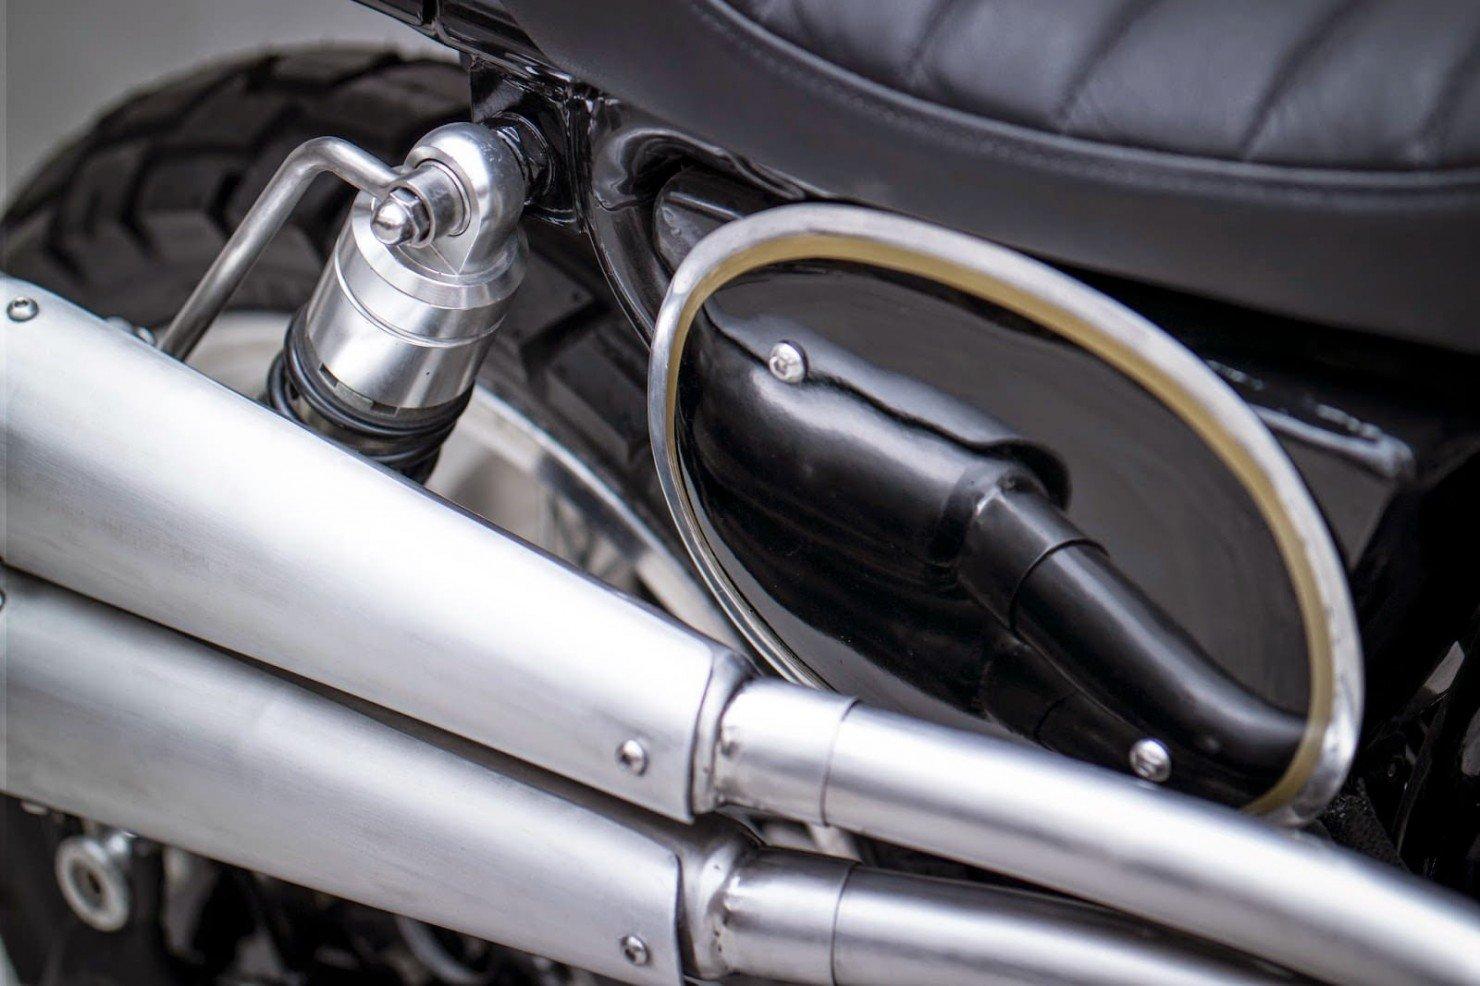 Harley-Davidson-Scrambler-Motorcycle-4